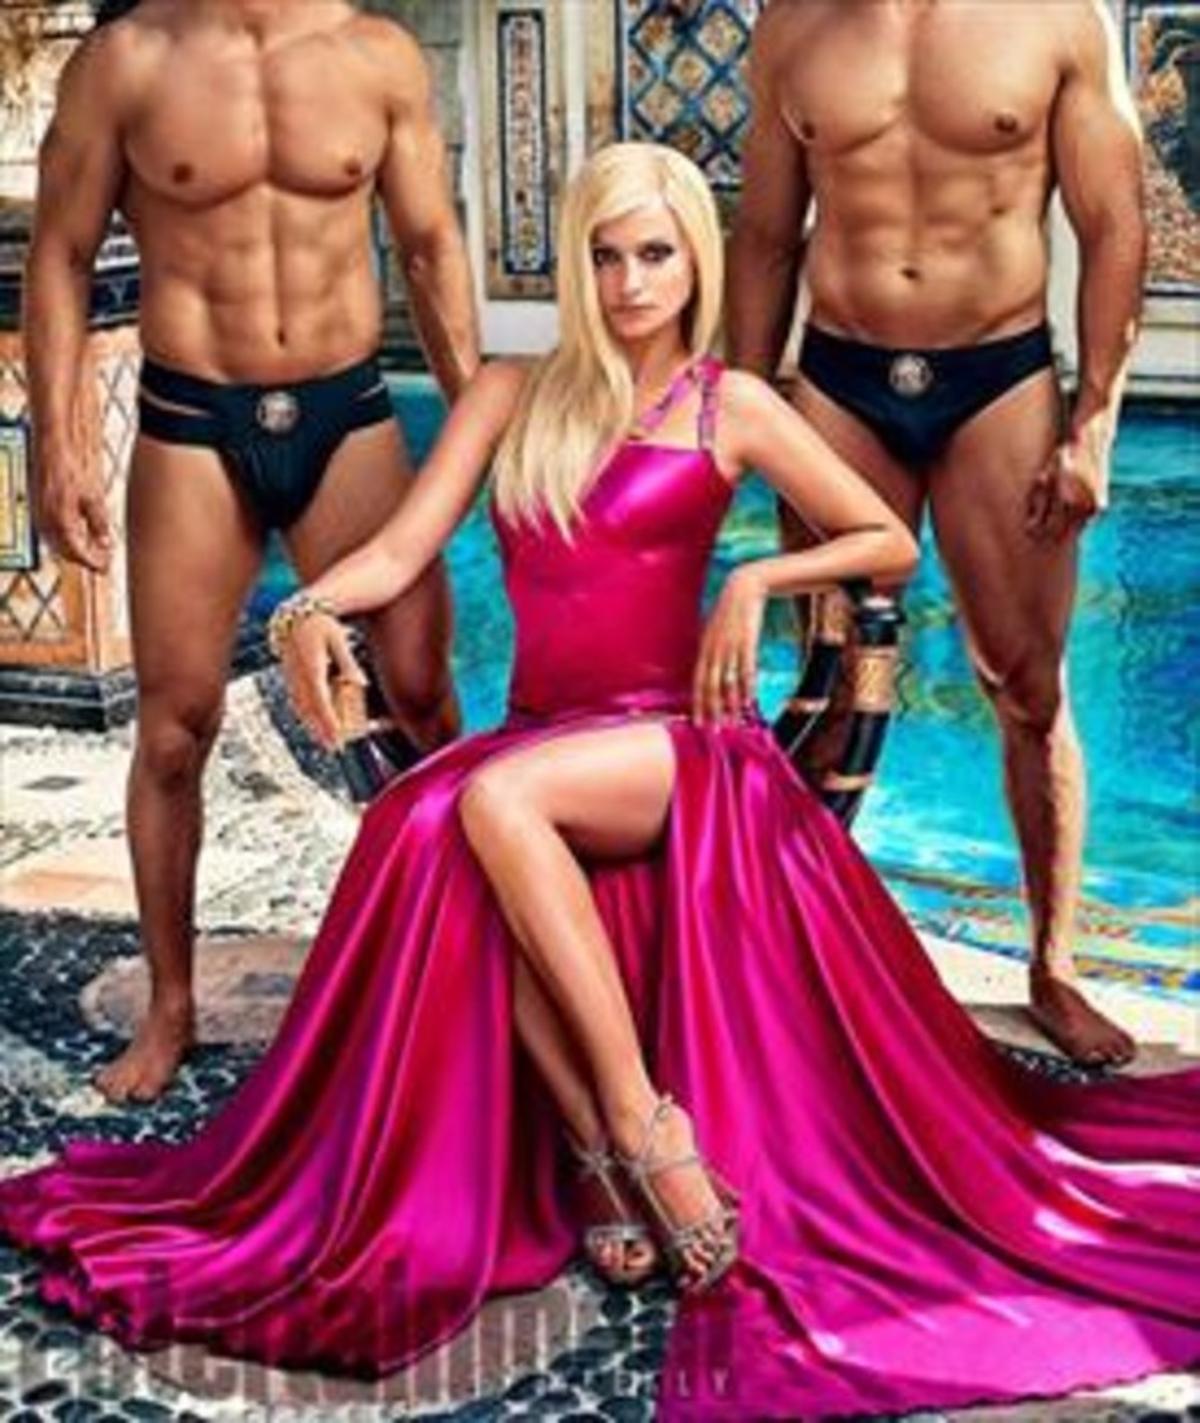 Penélope Cruz, en el papel de Donatella Versace, en la serie 'American crime story'.